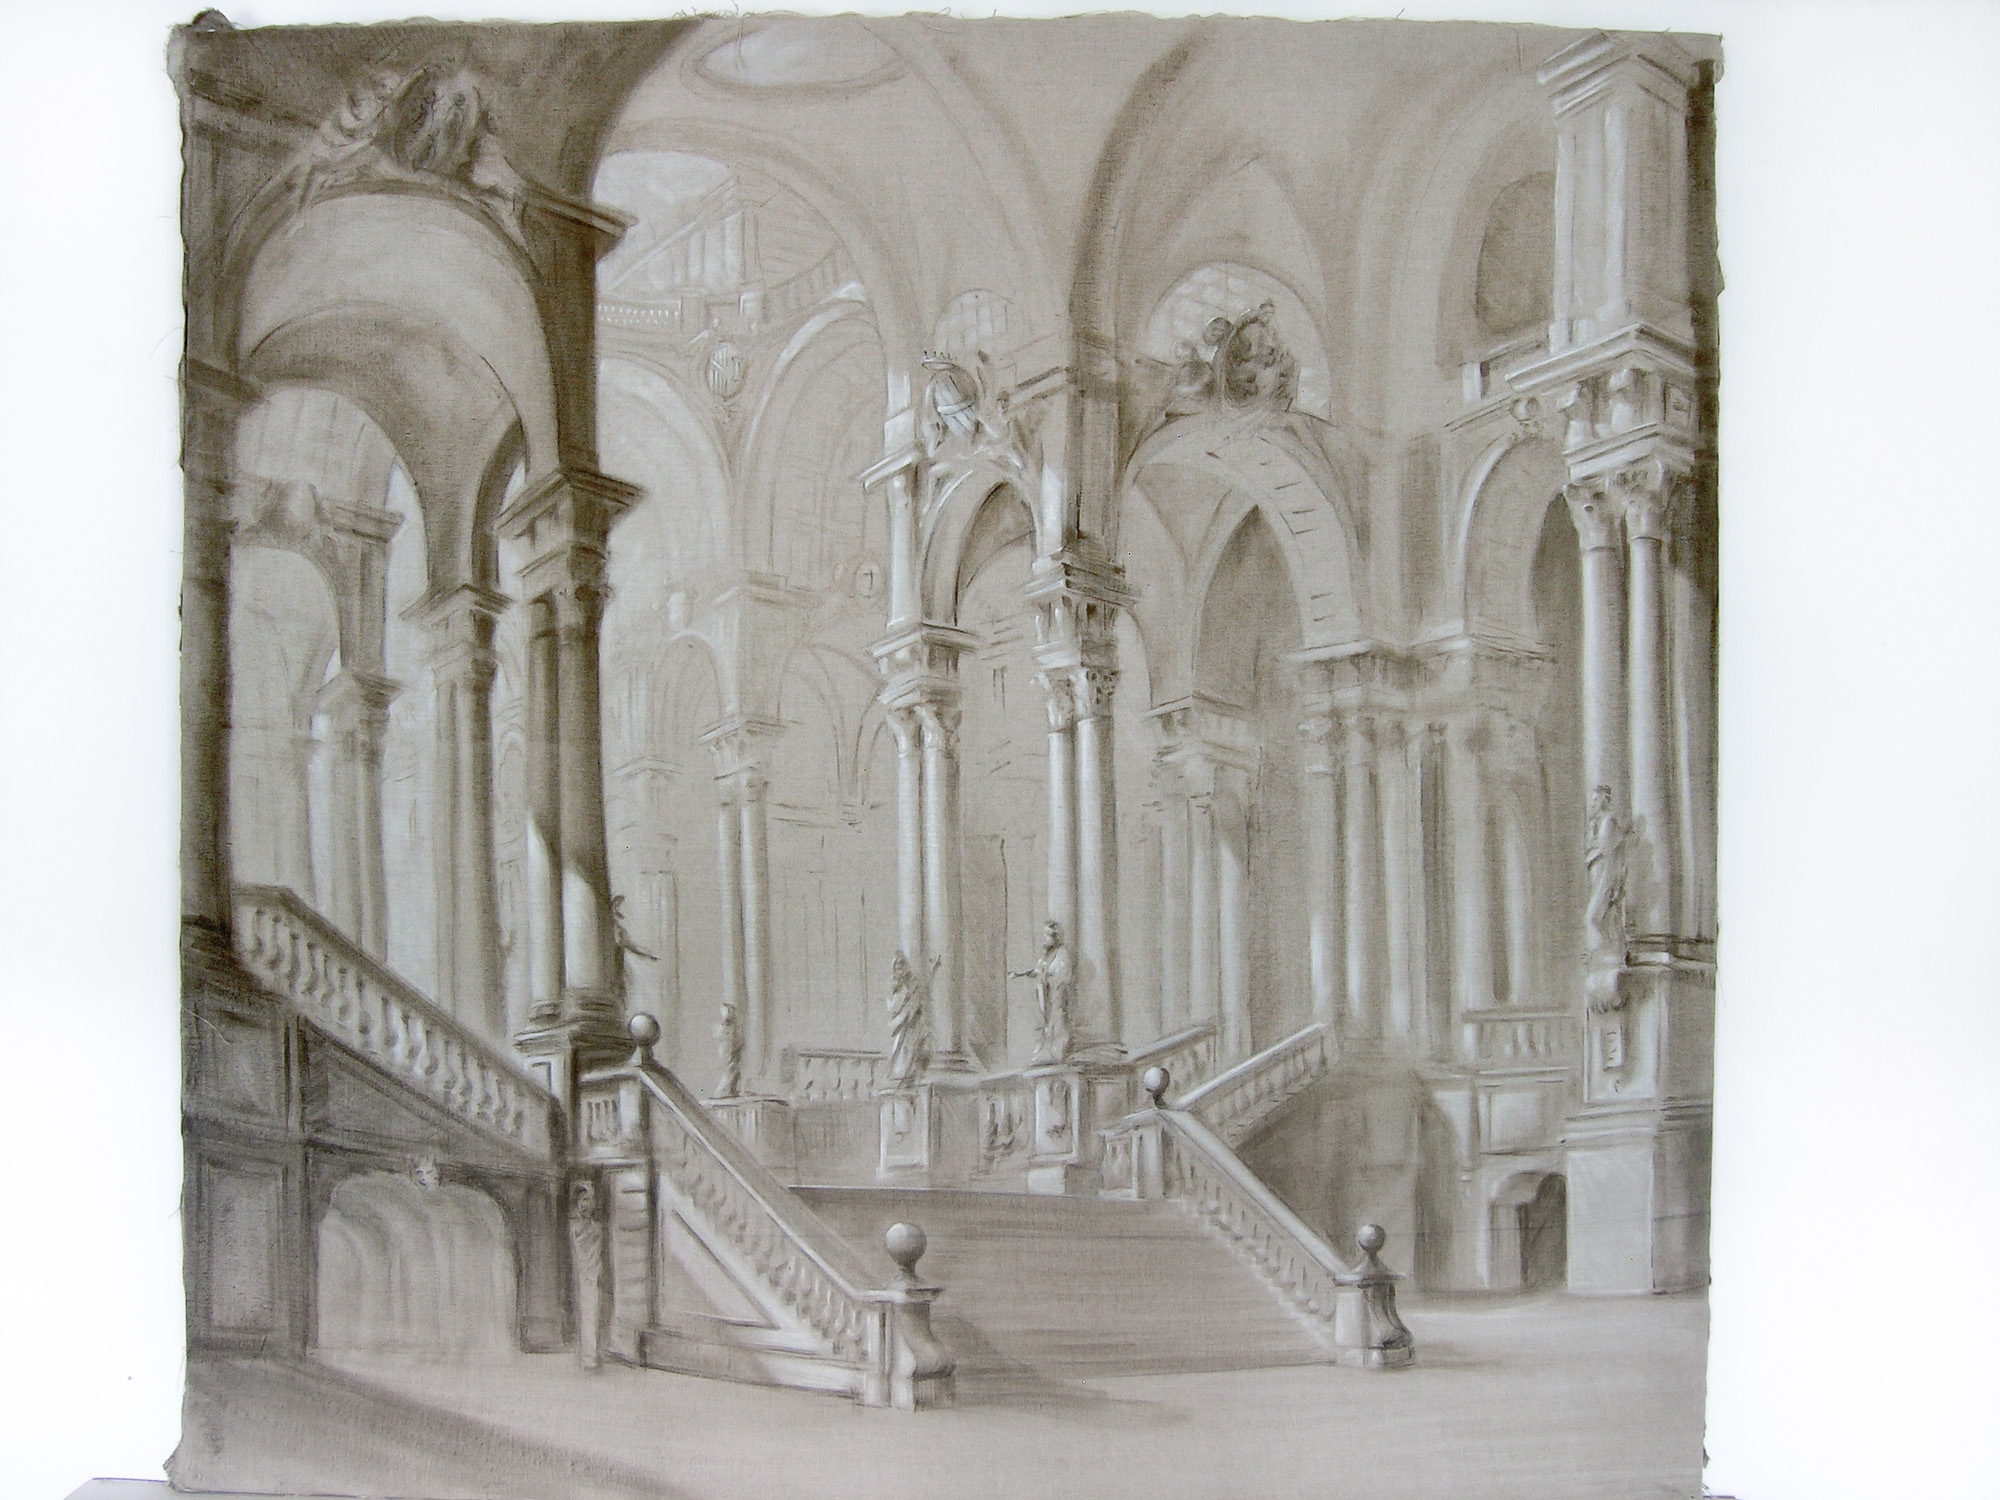 Painted linen - Architectural scene - Alexander Hamilton - Decorative Painter - London